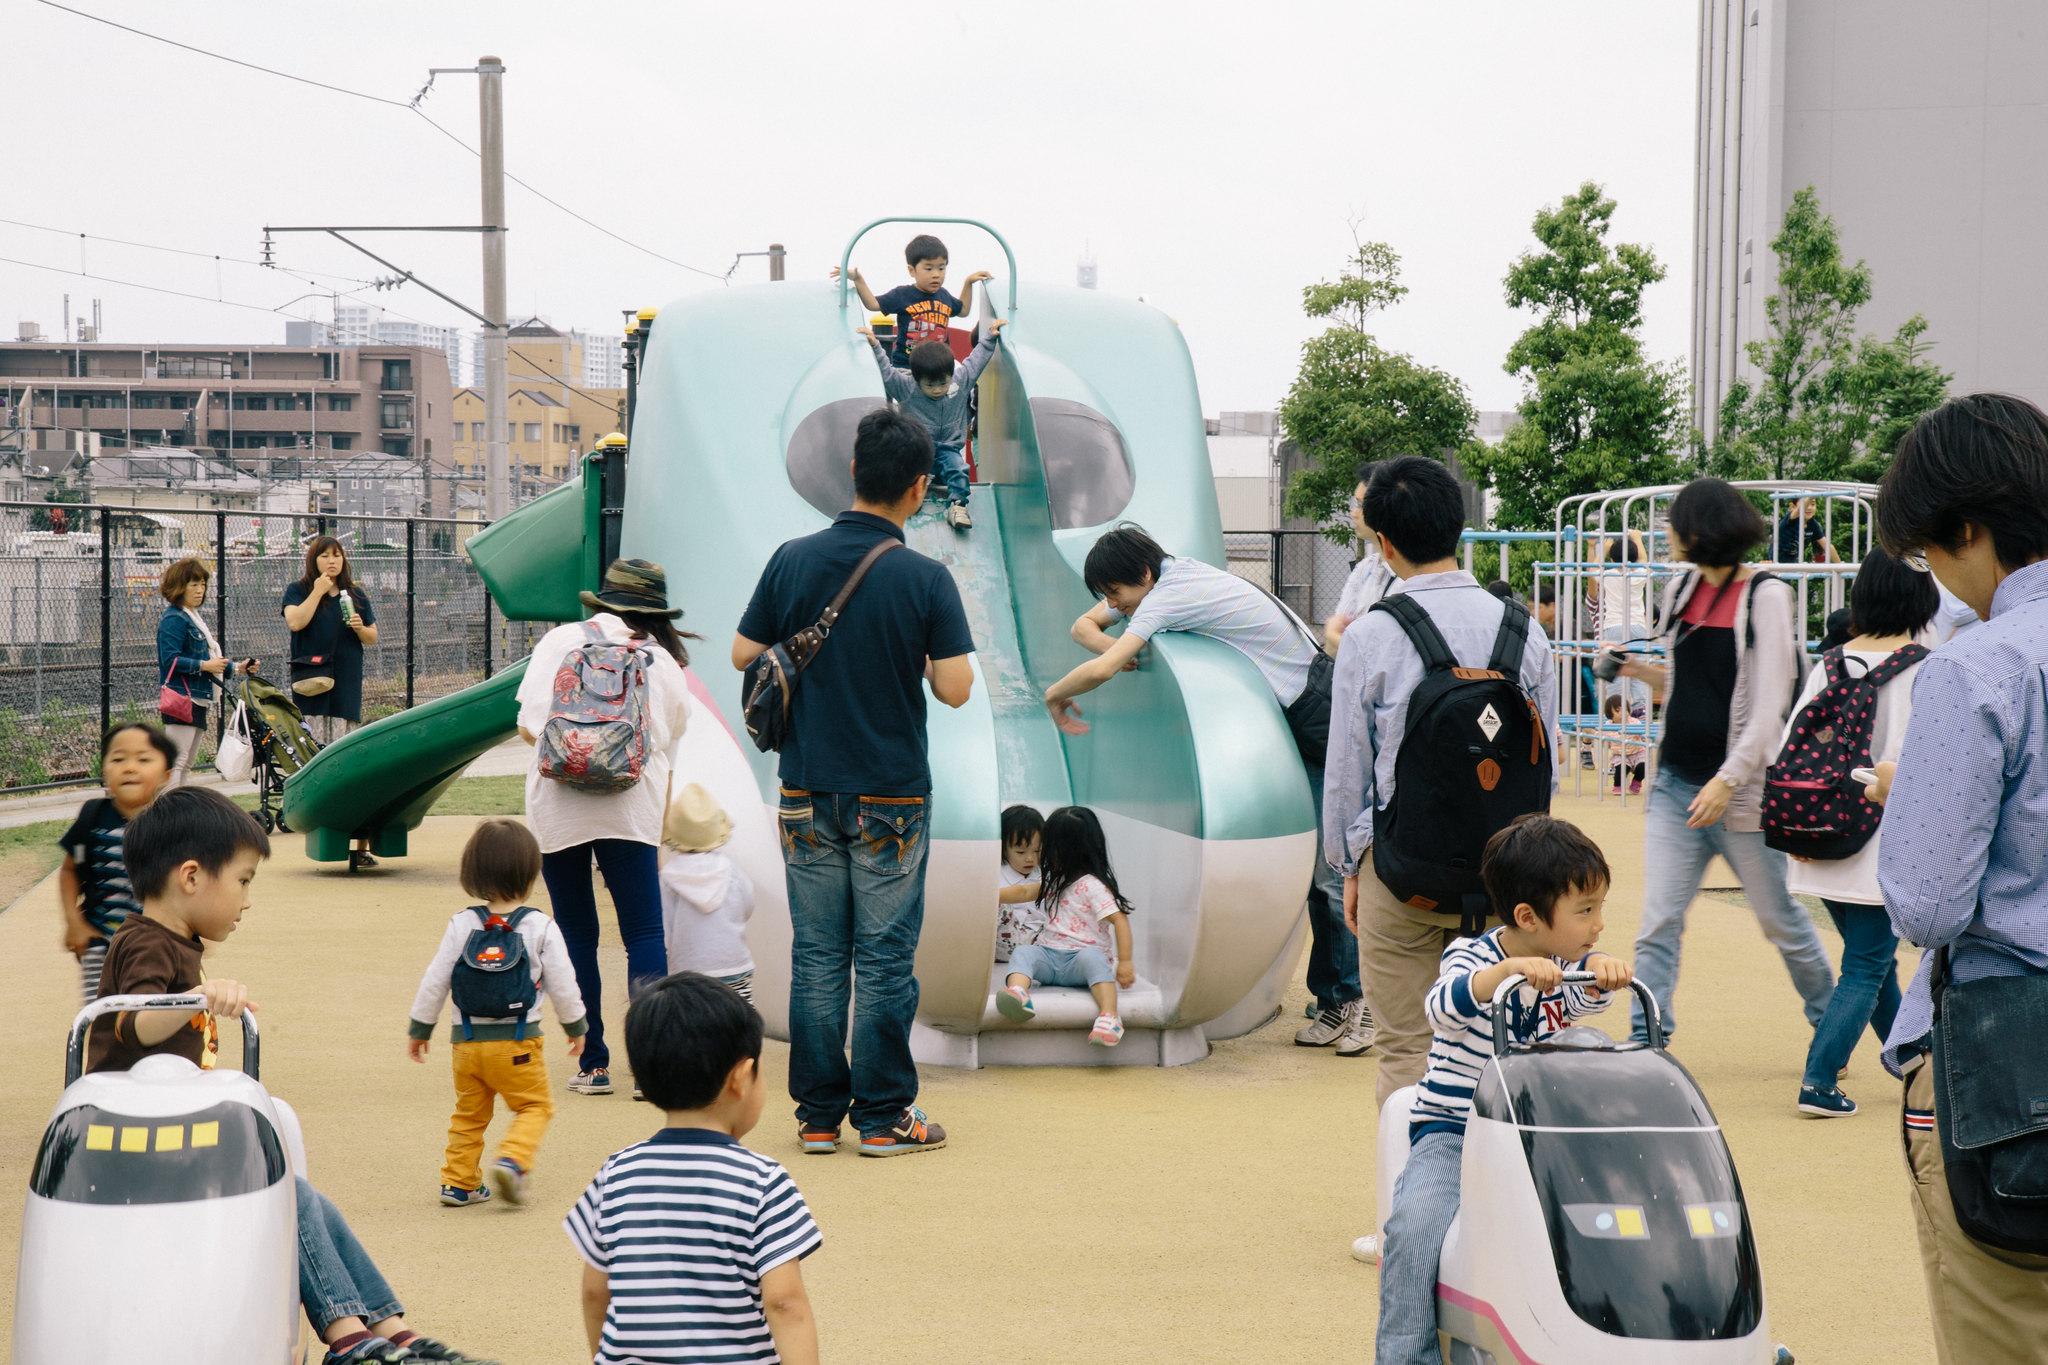 2016-06-06 鉄道博物館 001 のコピー 2